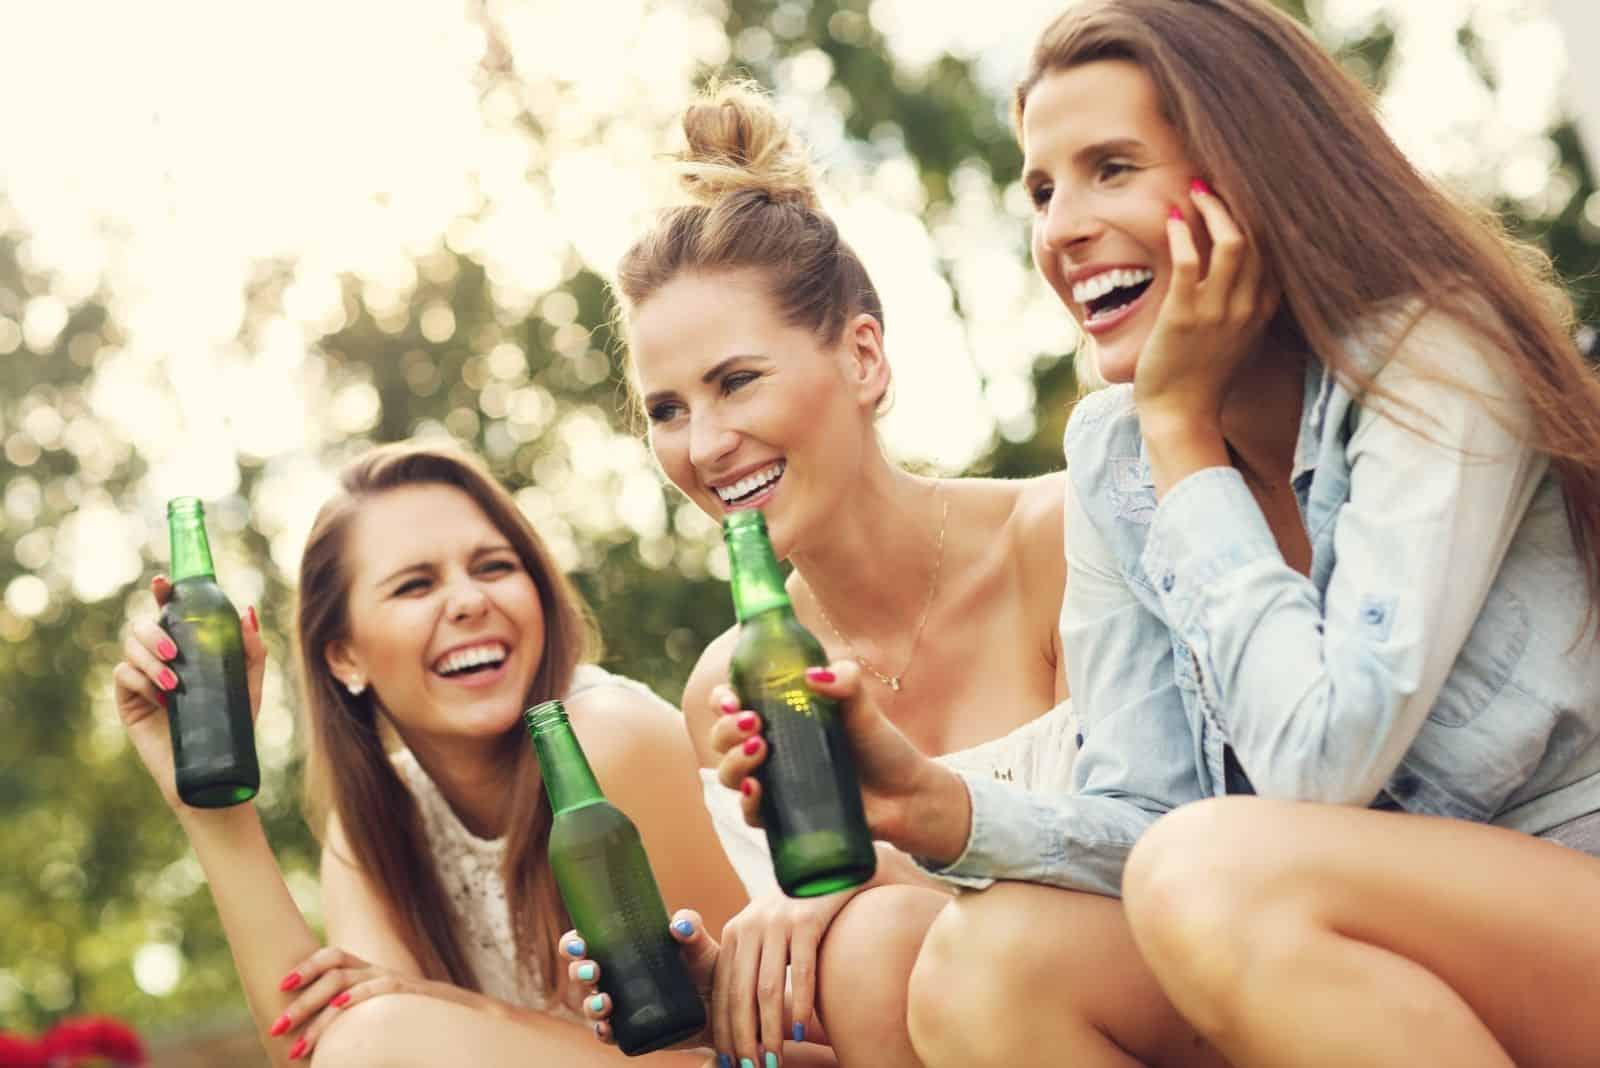 Bild, das glückliche Damen darstellt, die Damen trinken im Freien trinken